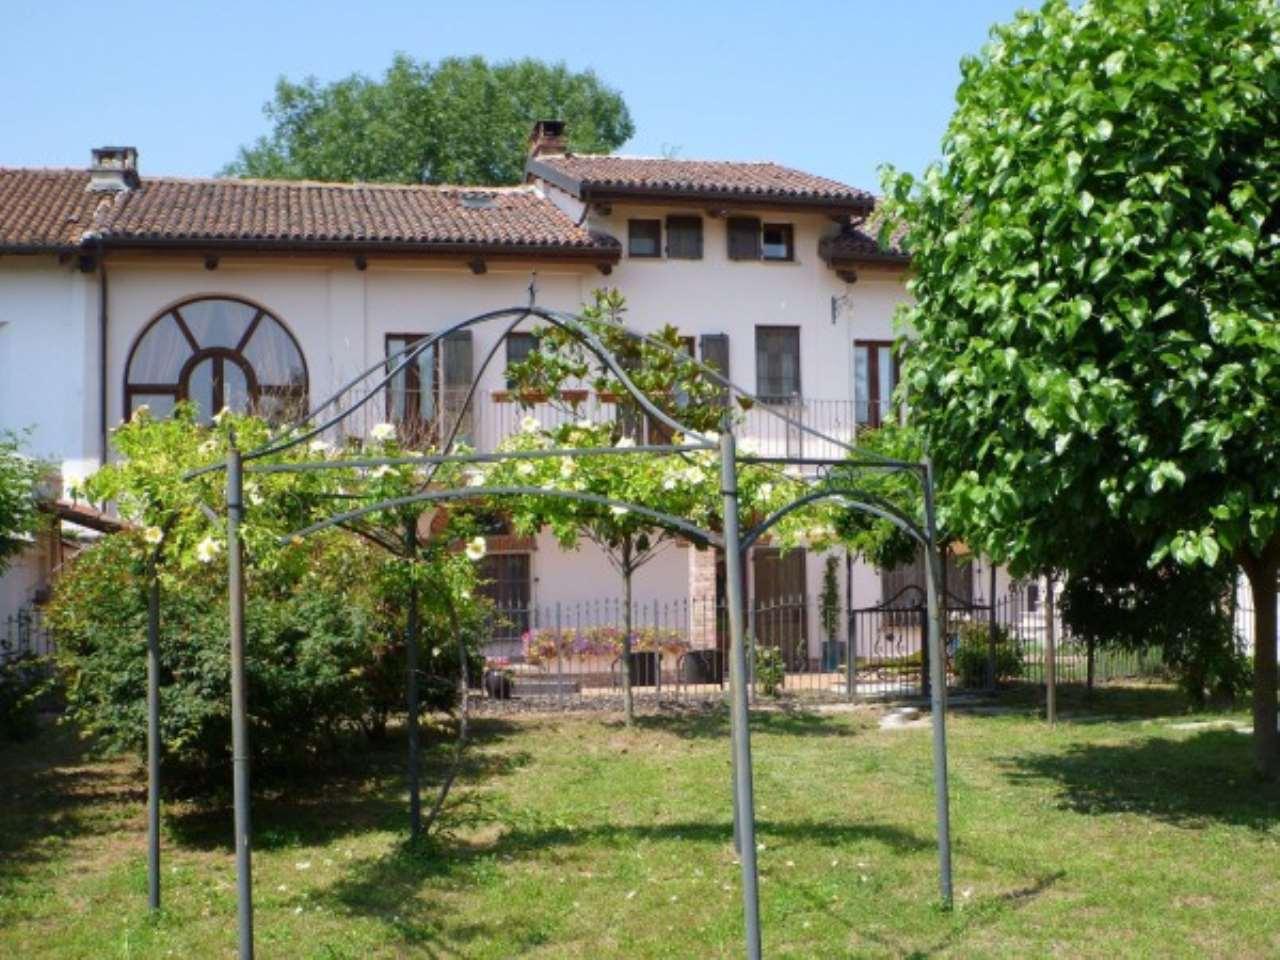 Rustico / Casale in vendita a Pezzana, 6 locali, prezzo € 340.000 | CambioCasa.it